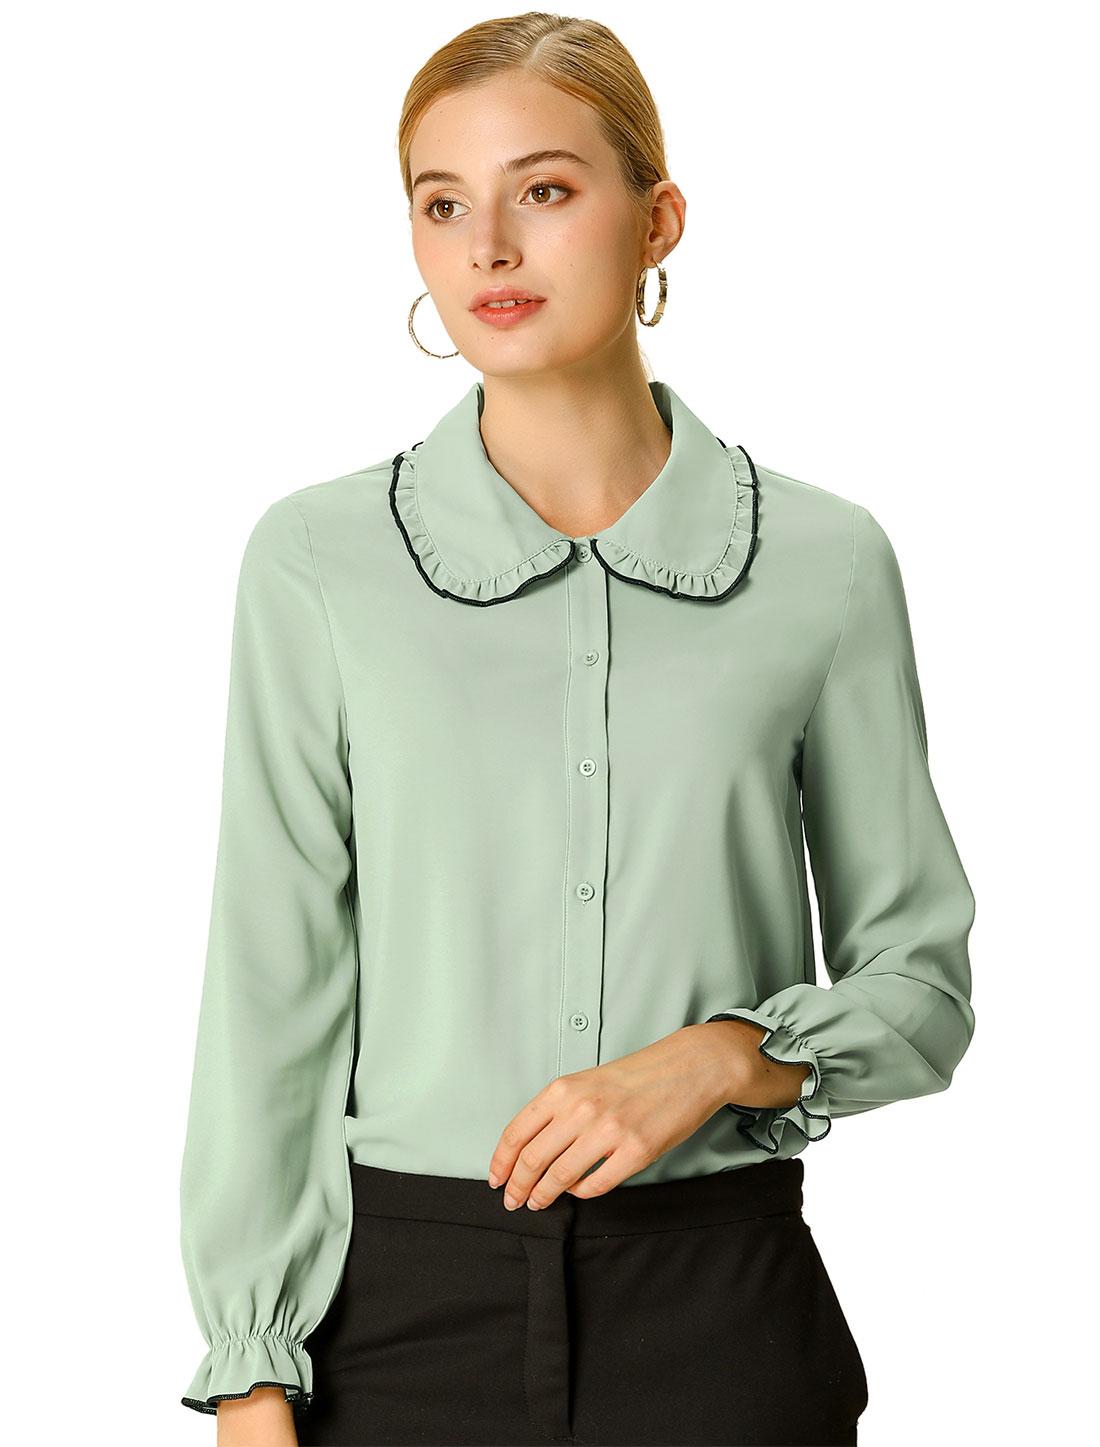 Women's Sweet Ruffle Peter Pan Collar Long Sleeves Button Up Shirt Green XL